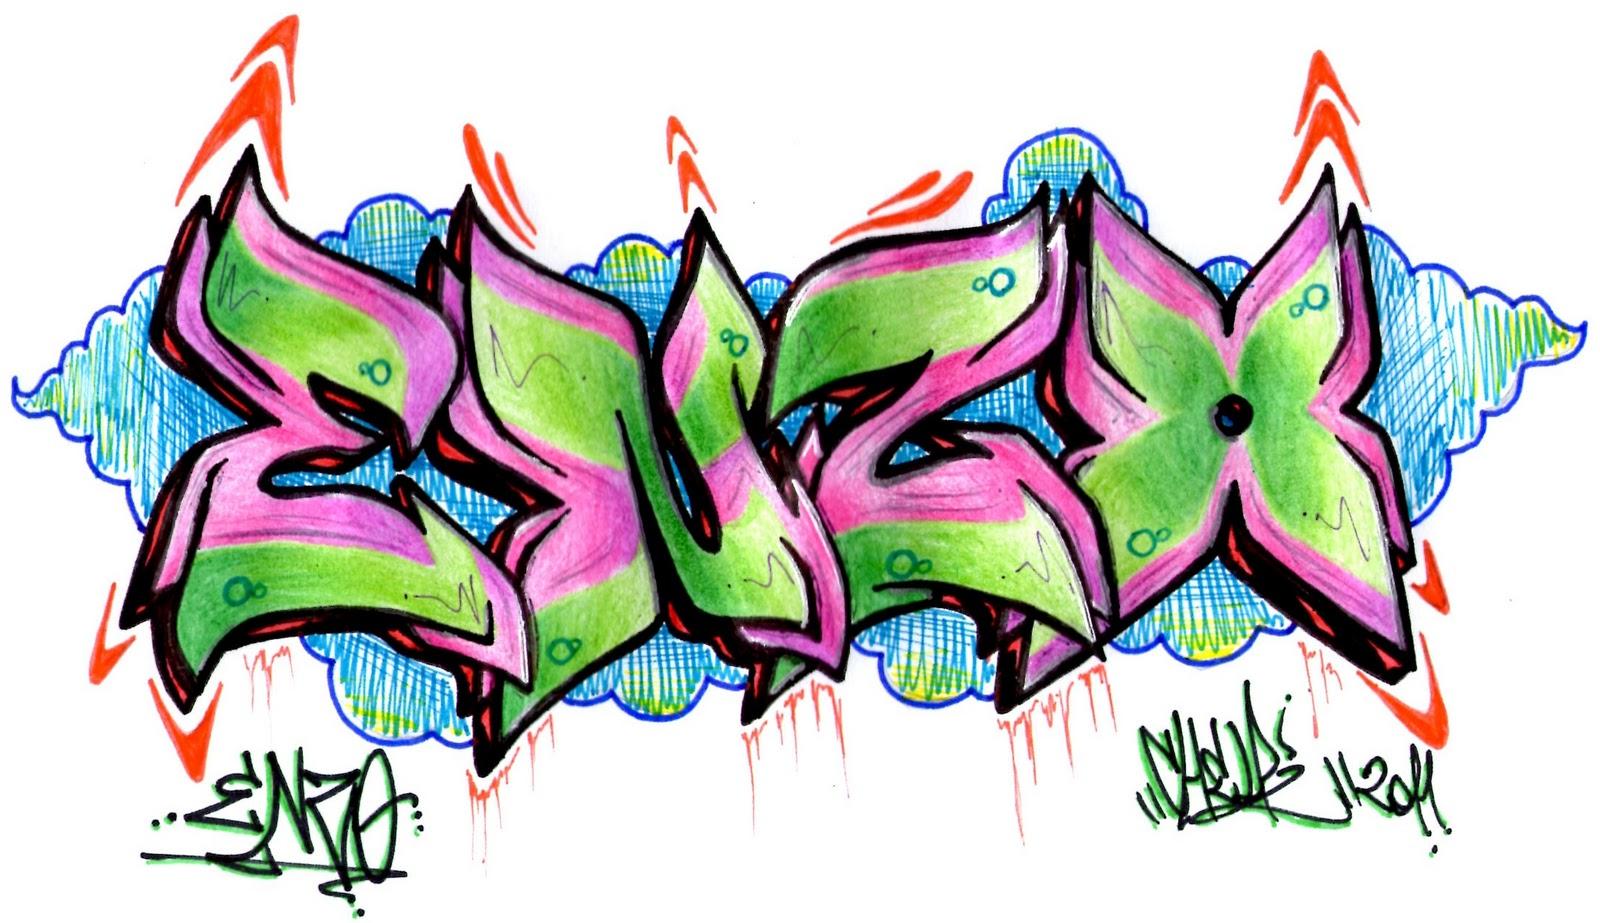 de graffiti chidas abecedario en graffiti arte con graffiti los